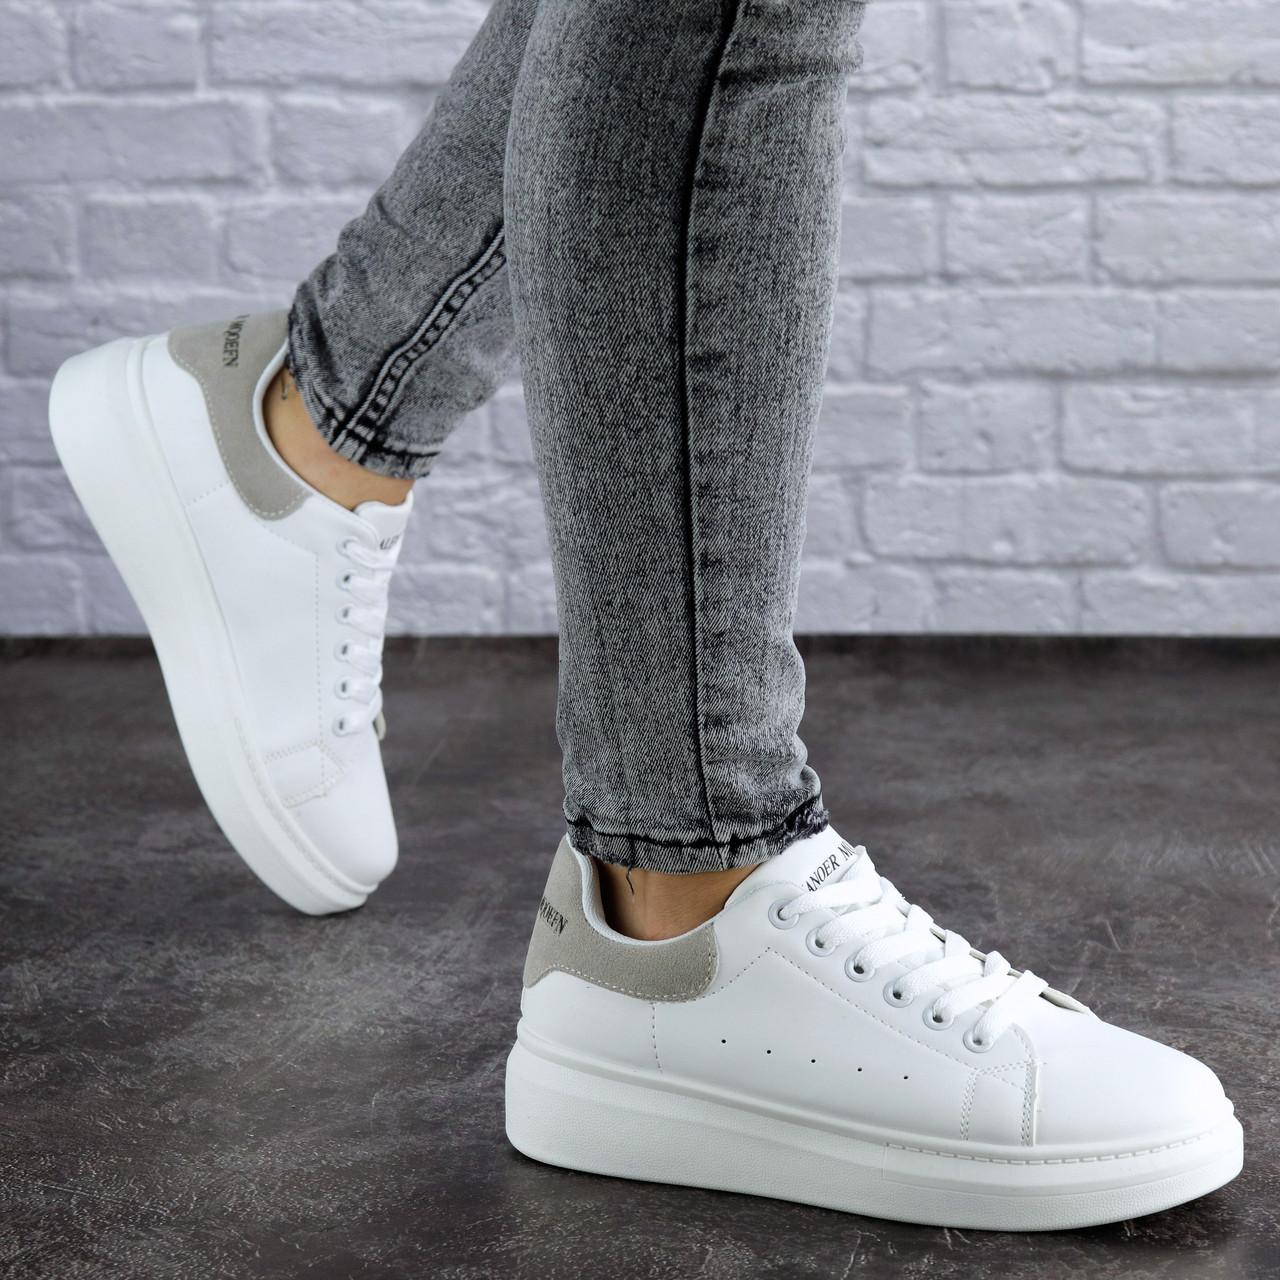 Купить Женские кроссовки белые Andy 1965 (38 размер), Fashion